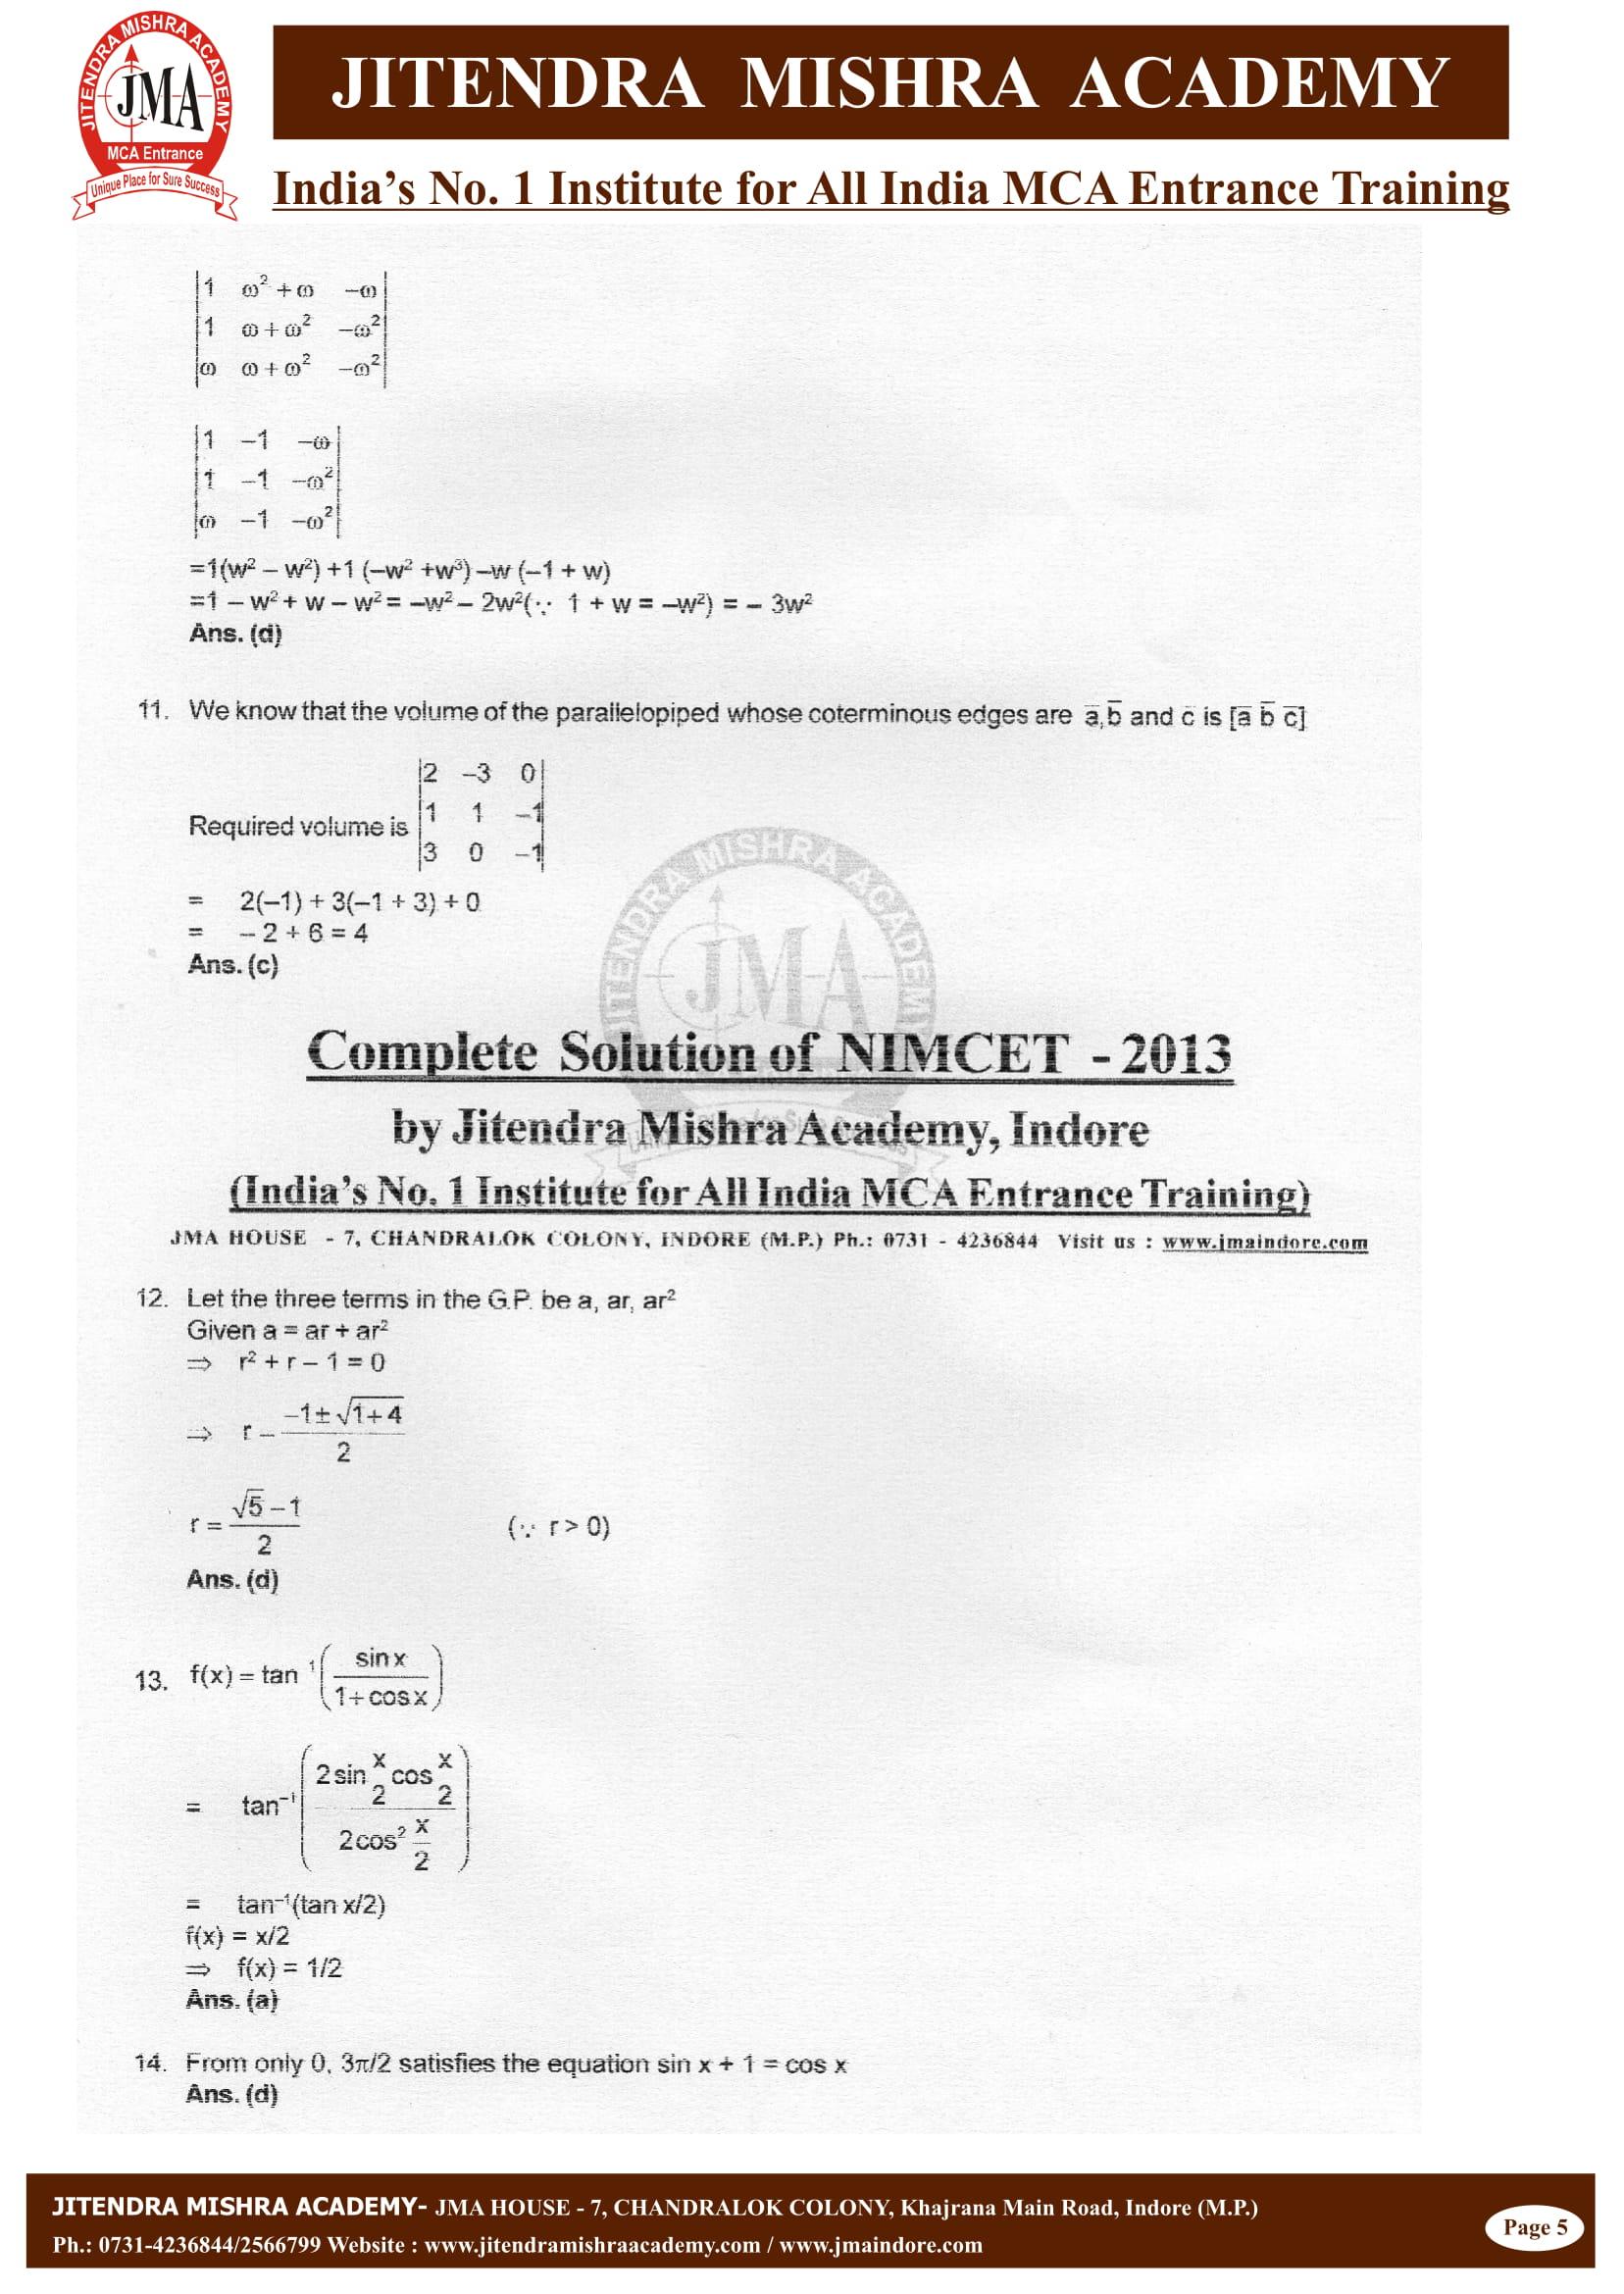 NIMCET - 2013 (SOLUTION)-05